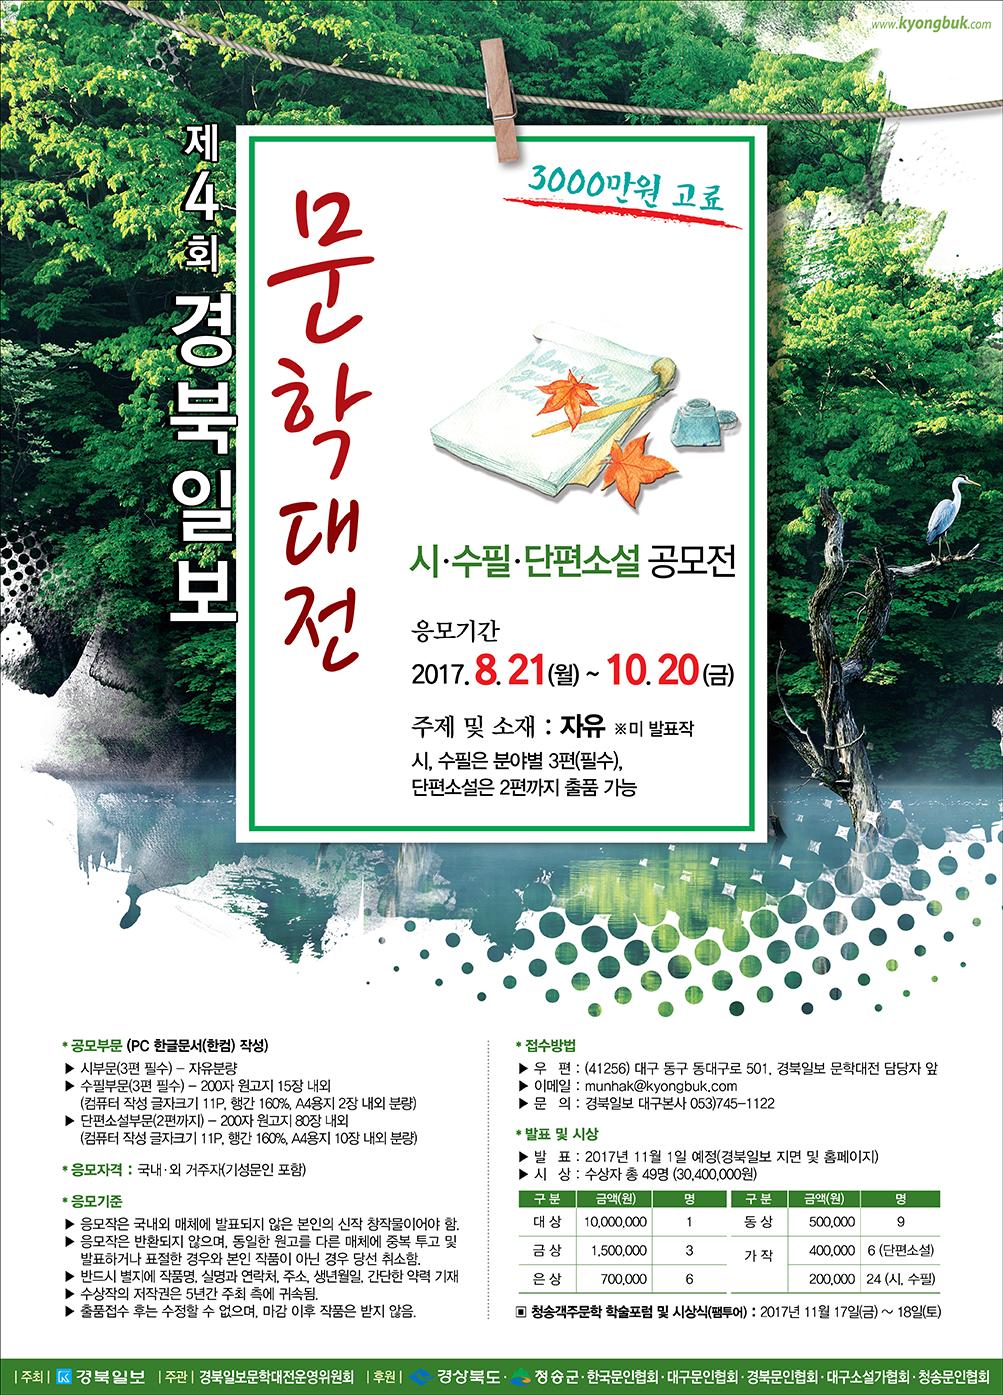 2017_제4회경북일보문학대전_pop.png